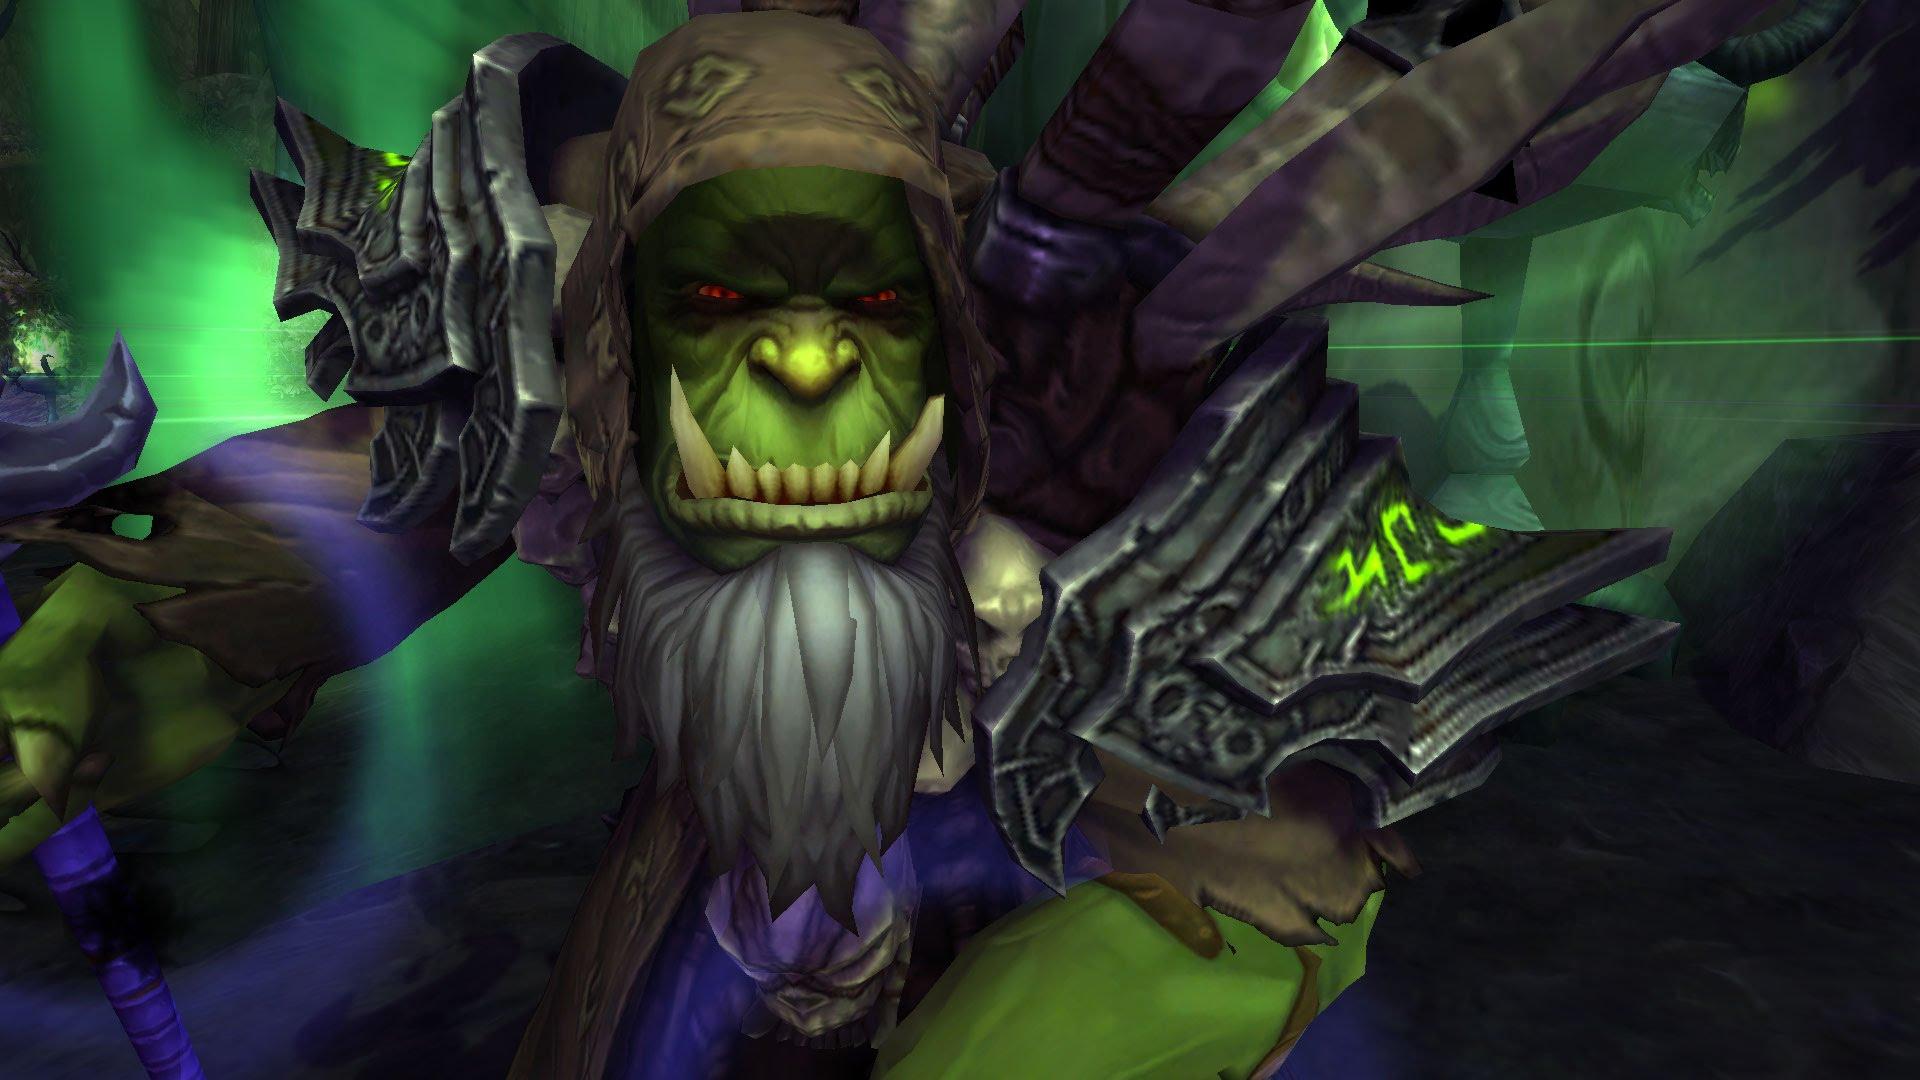 WoW Gul'dan Orc Warlock Fel